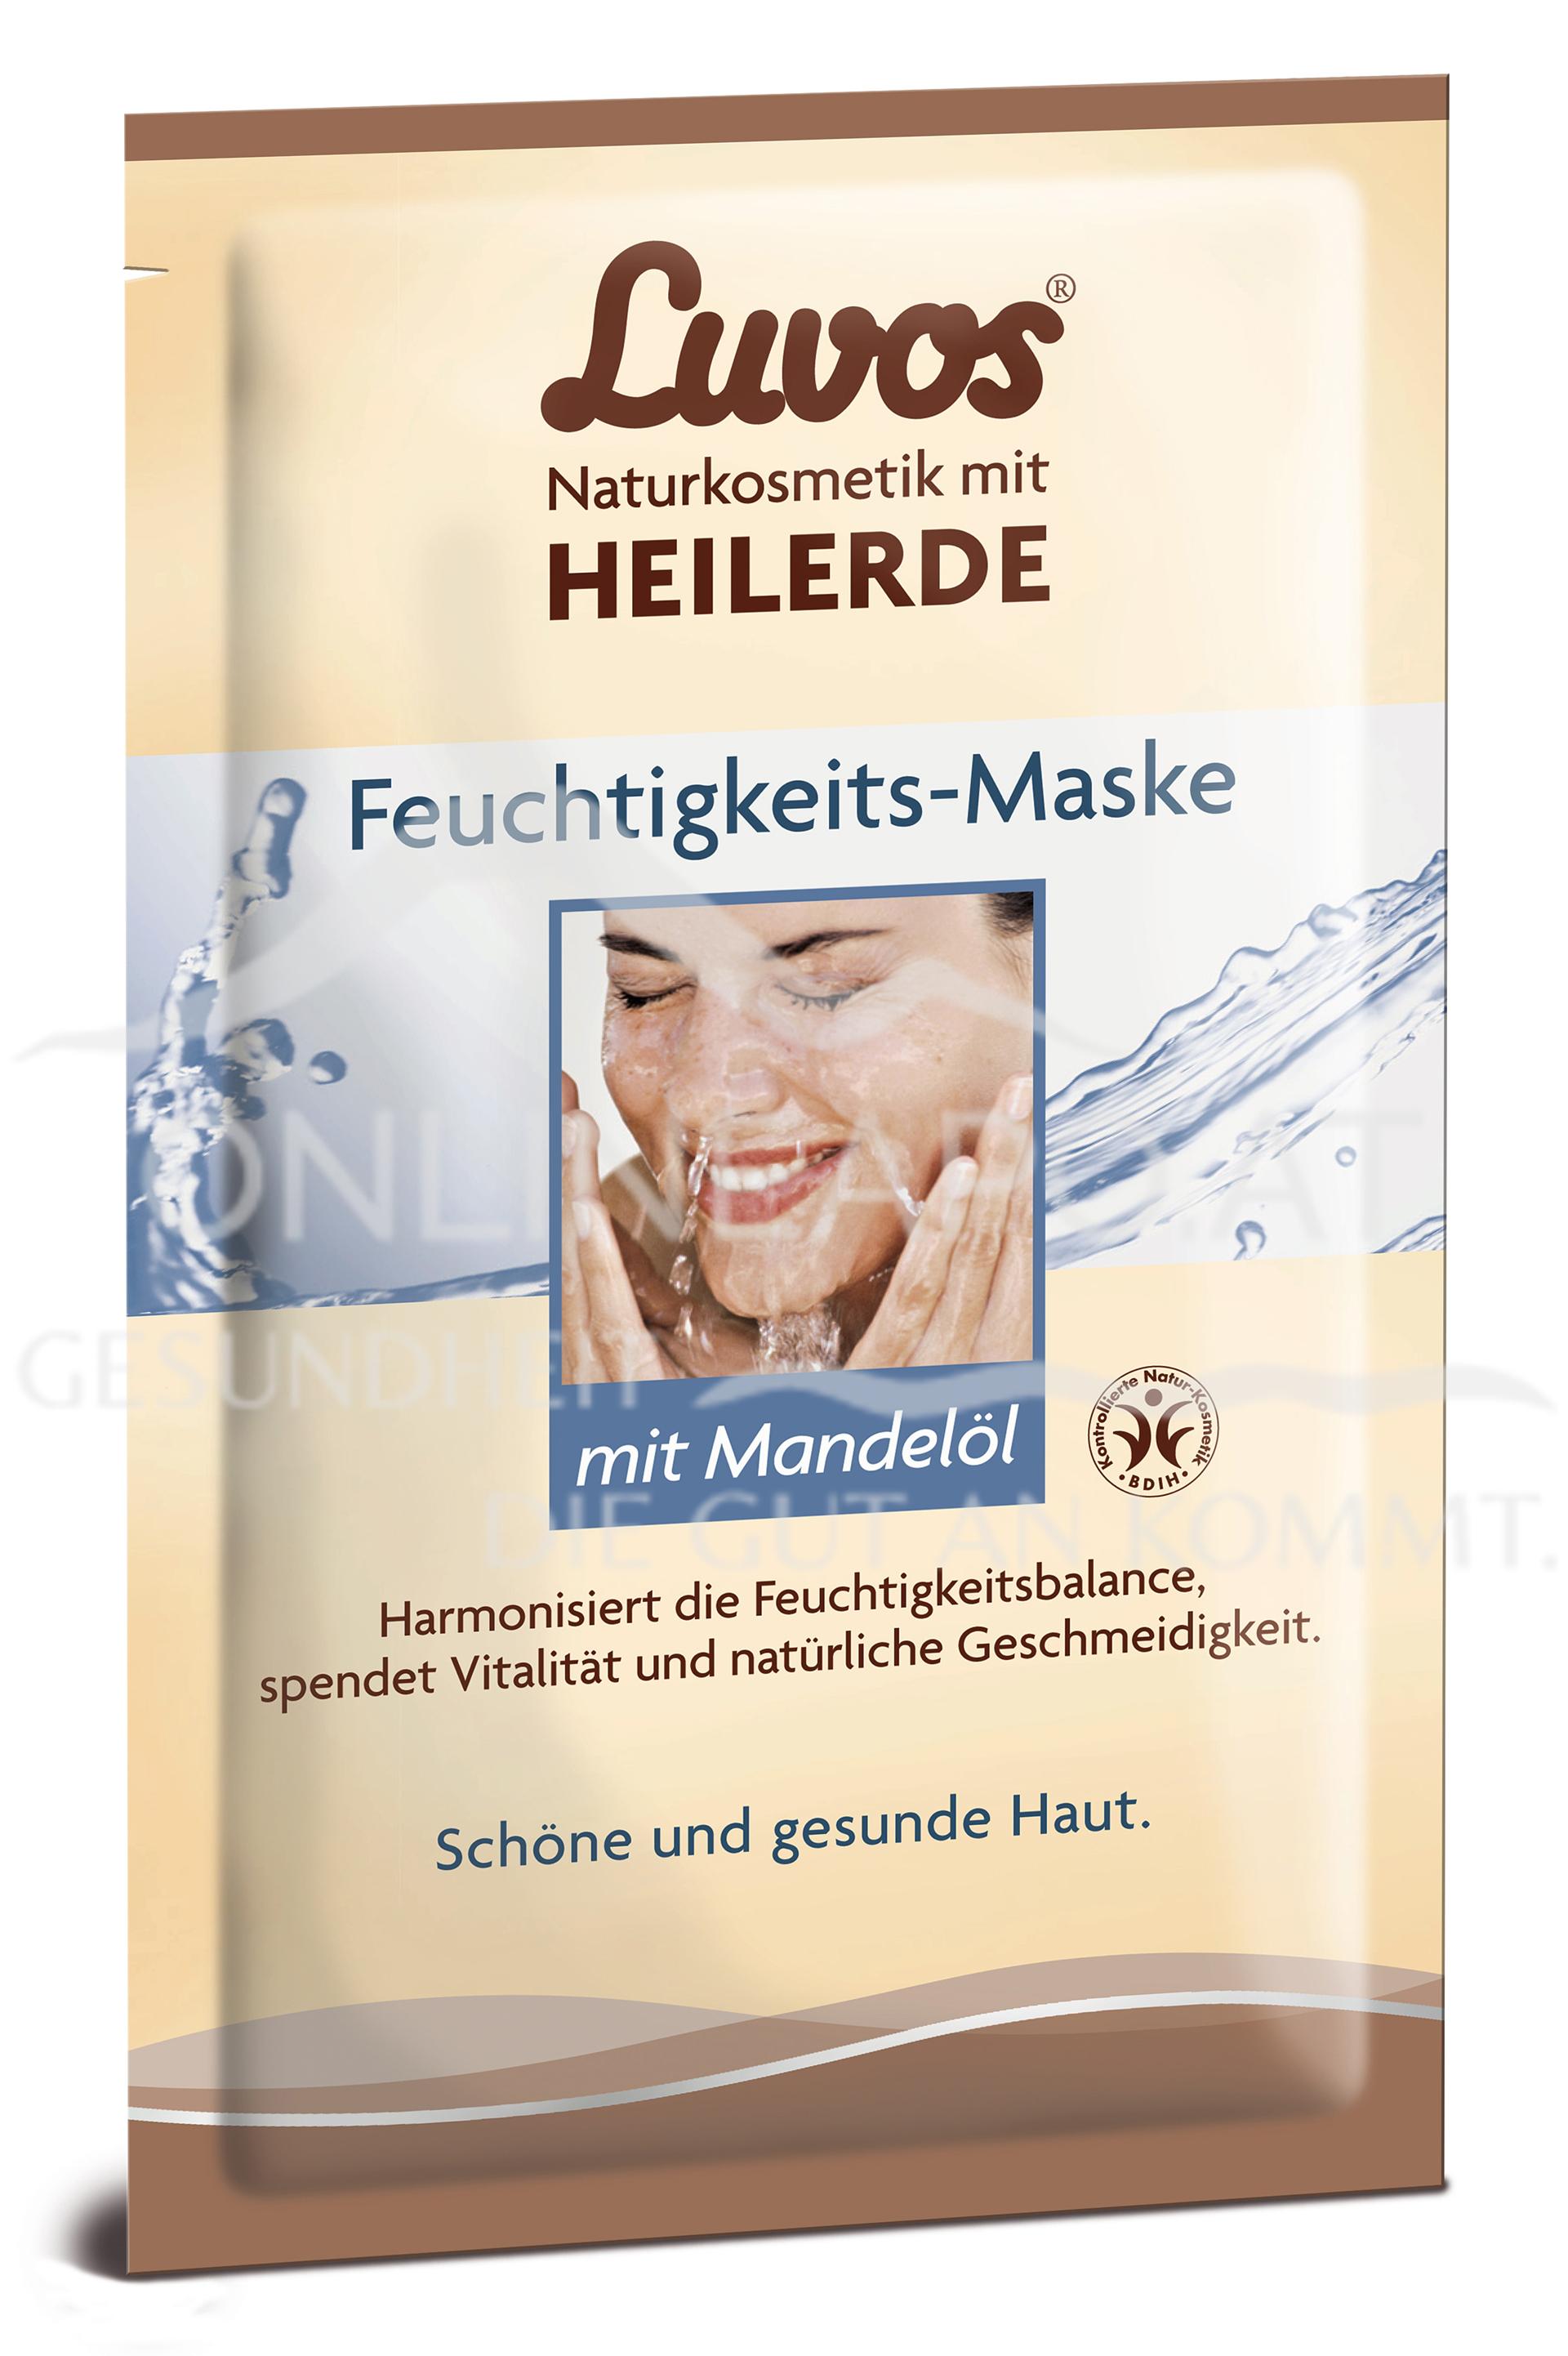 Luvos Heilerde Gesichtsmaske Feuchtigkeit 2x7,5ml